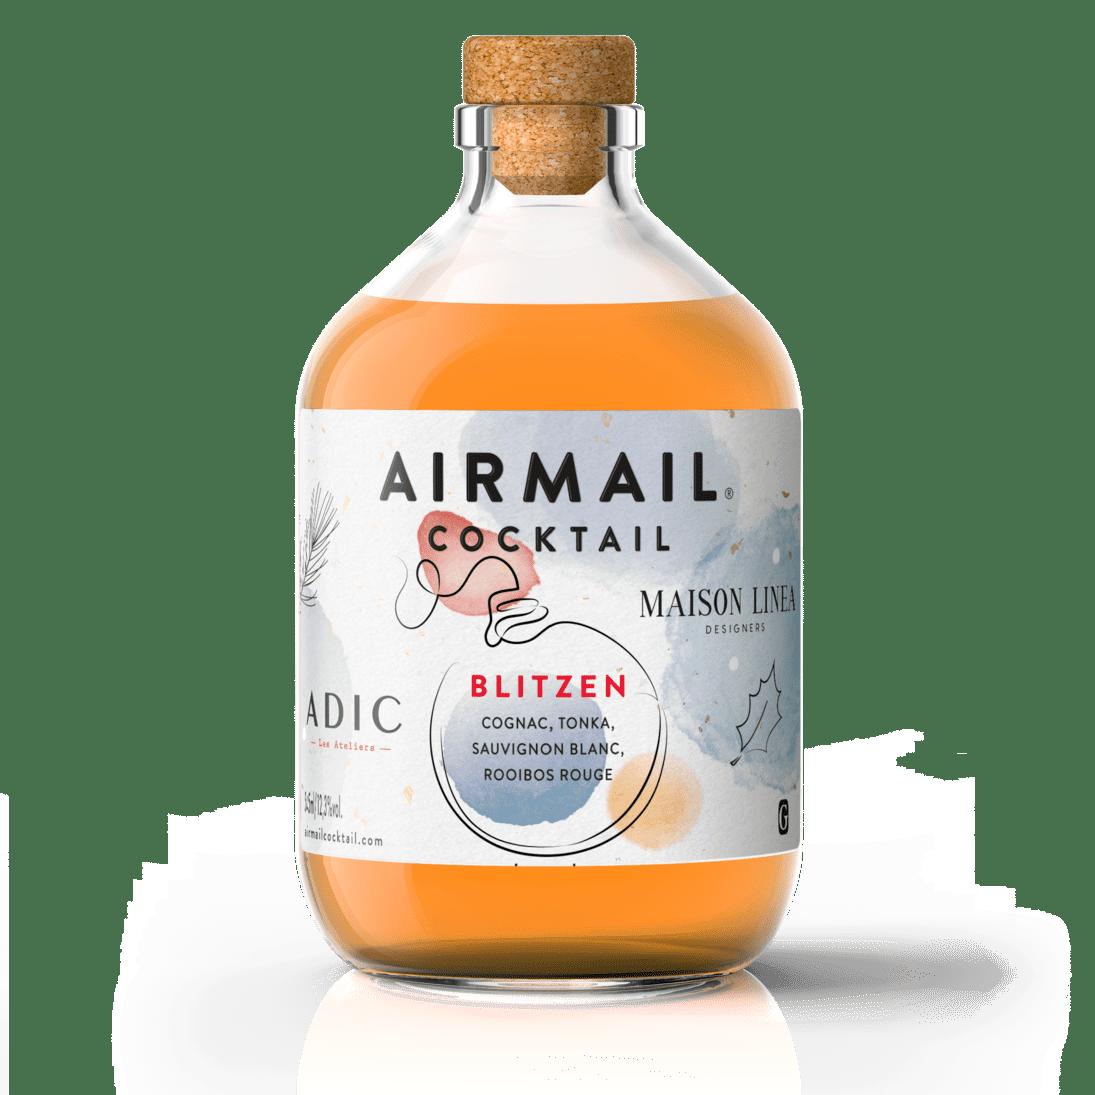 airmail-cocktail-packshot-blitzen-personnalisation